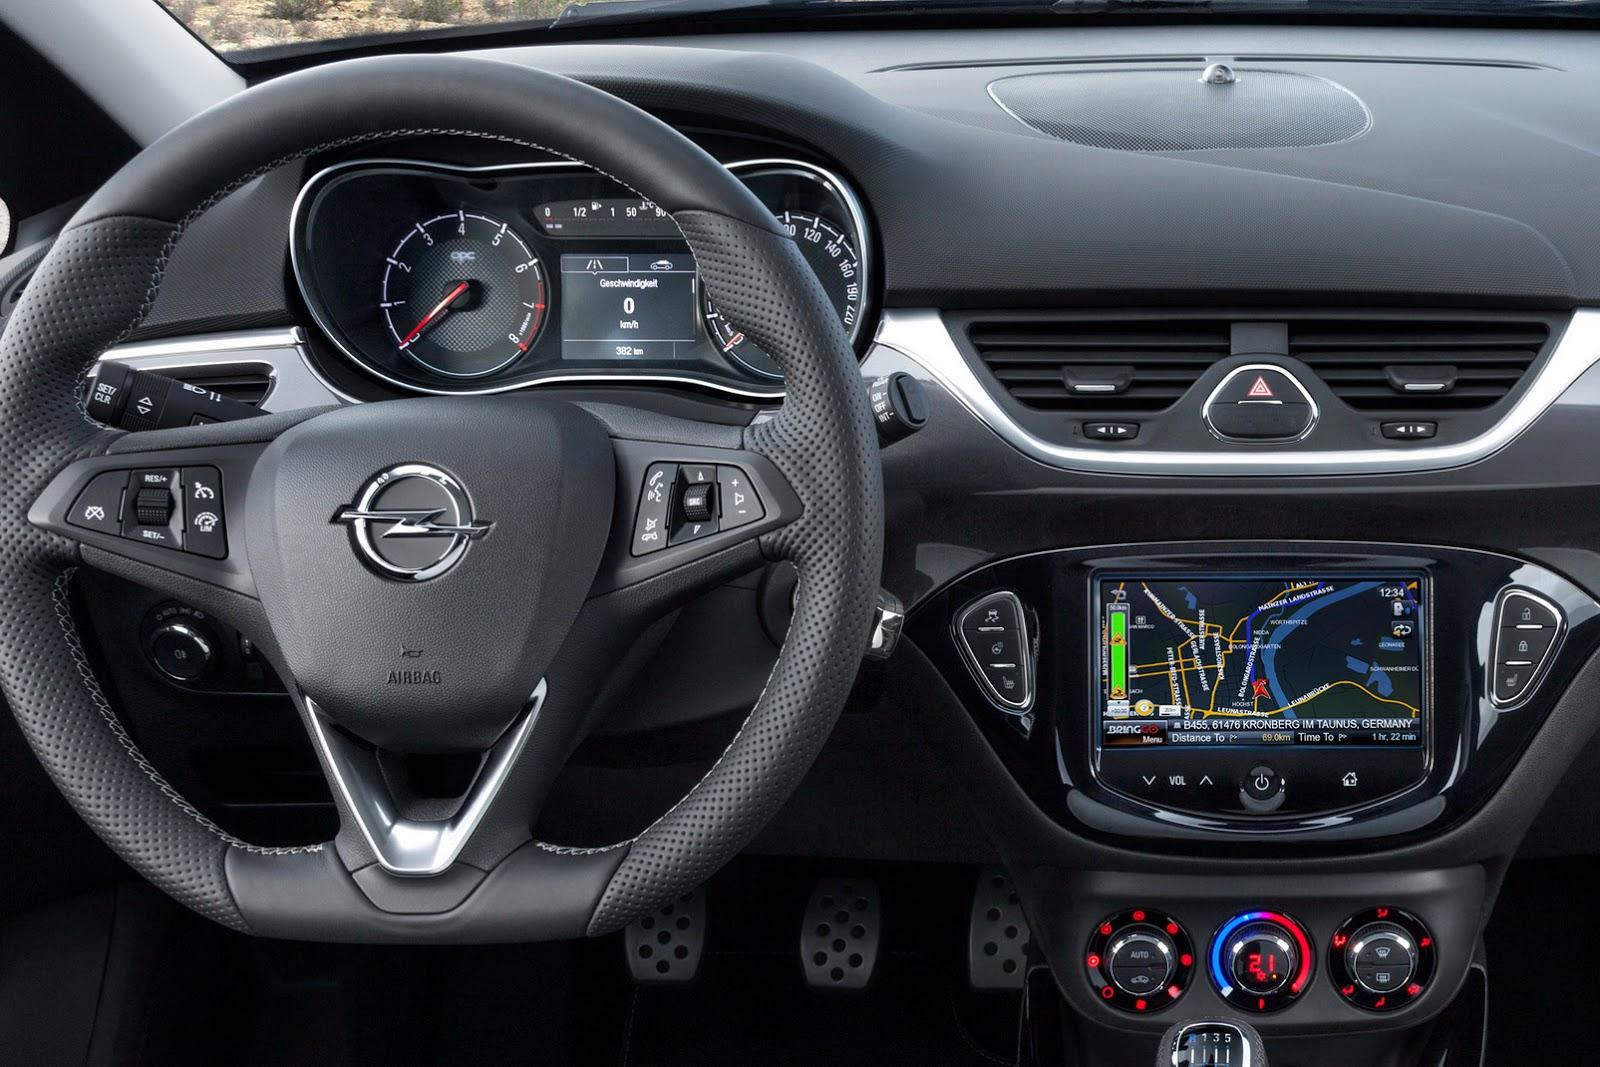 New Photos Of Opel Corsa Opc Expose Interior Carscoops